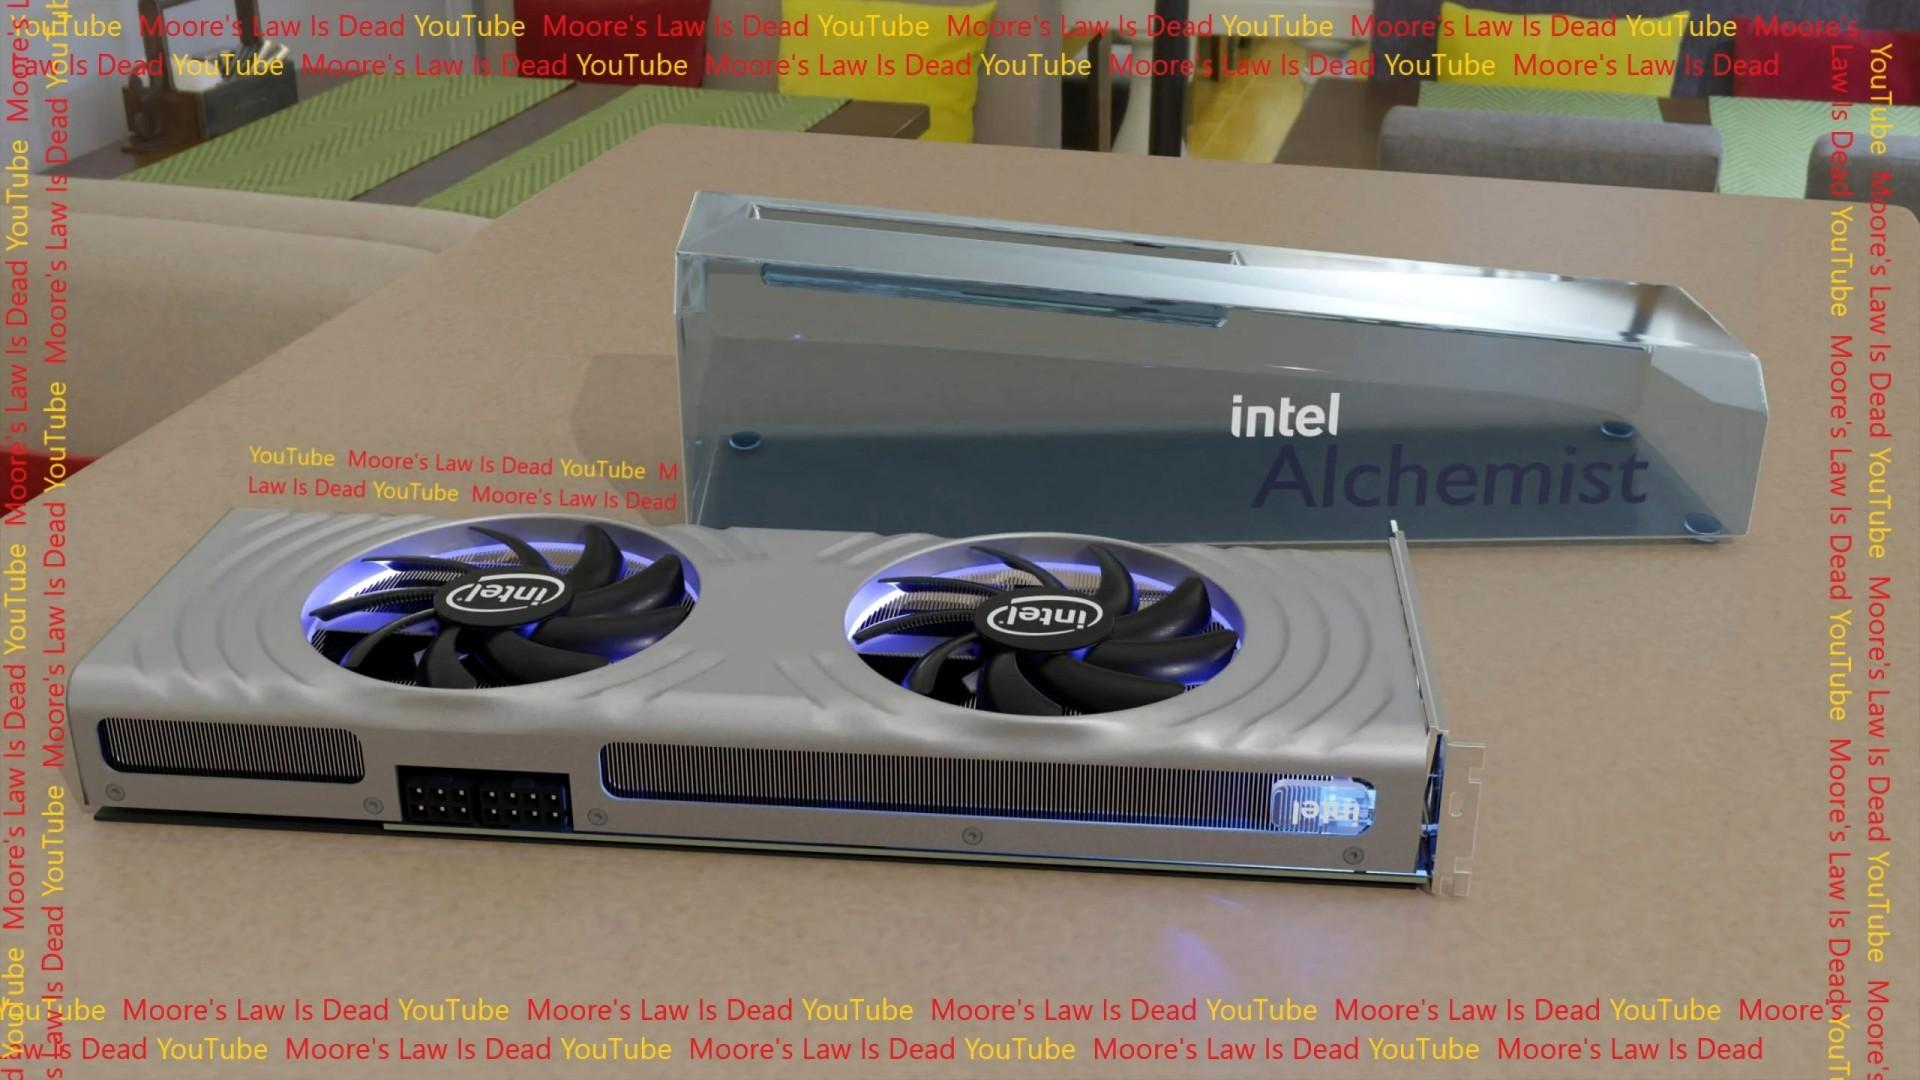 Ютубер показал как будет выглядеть игровая видеокарта от Intel